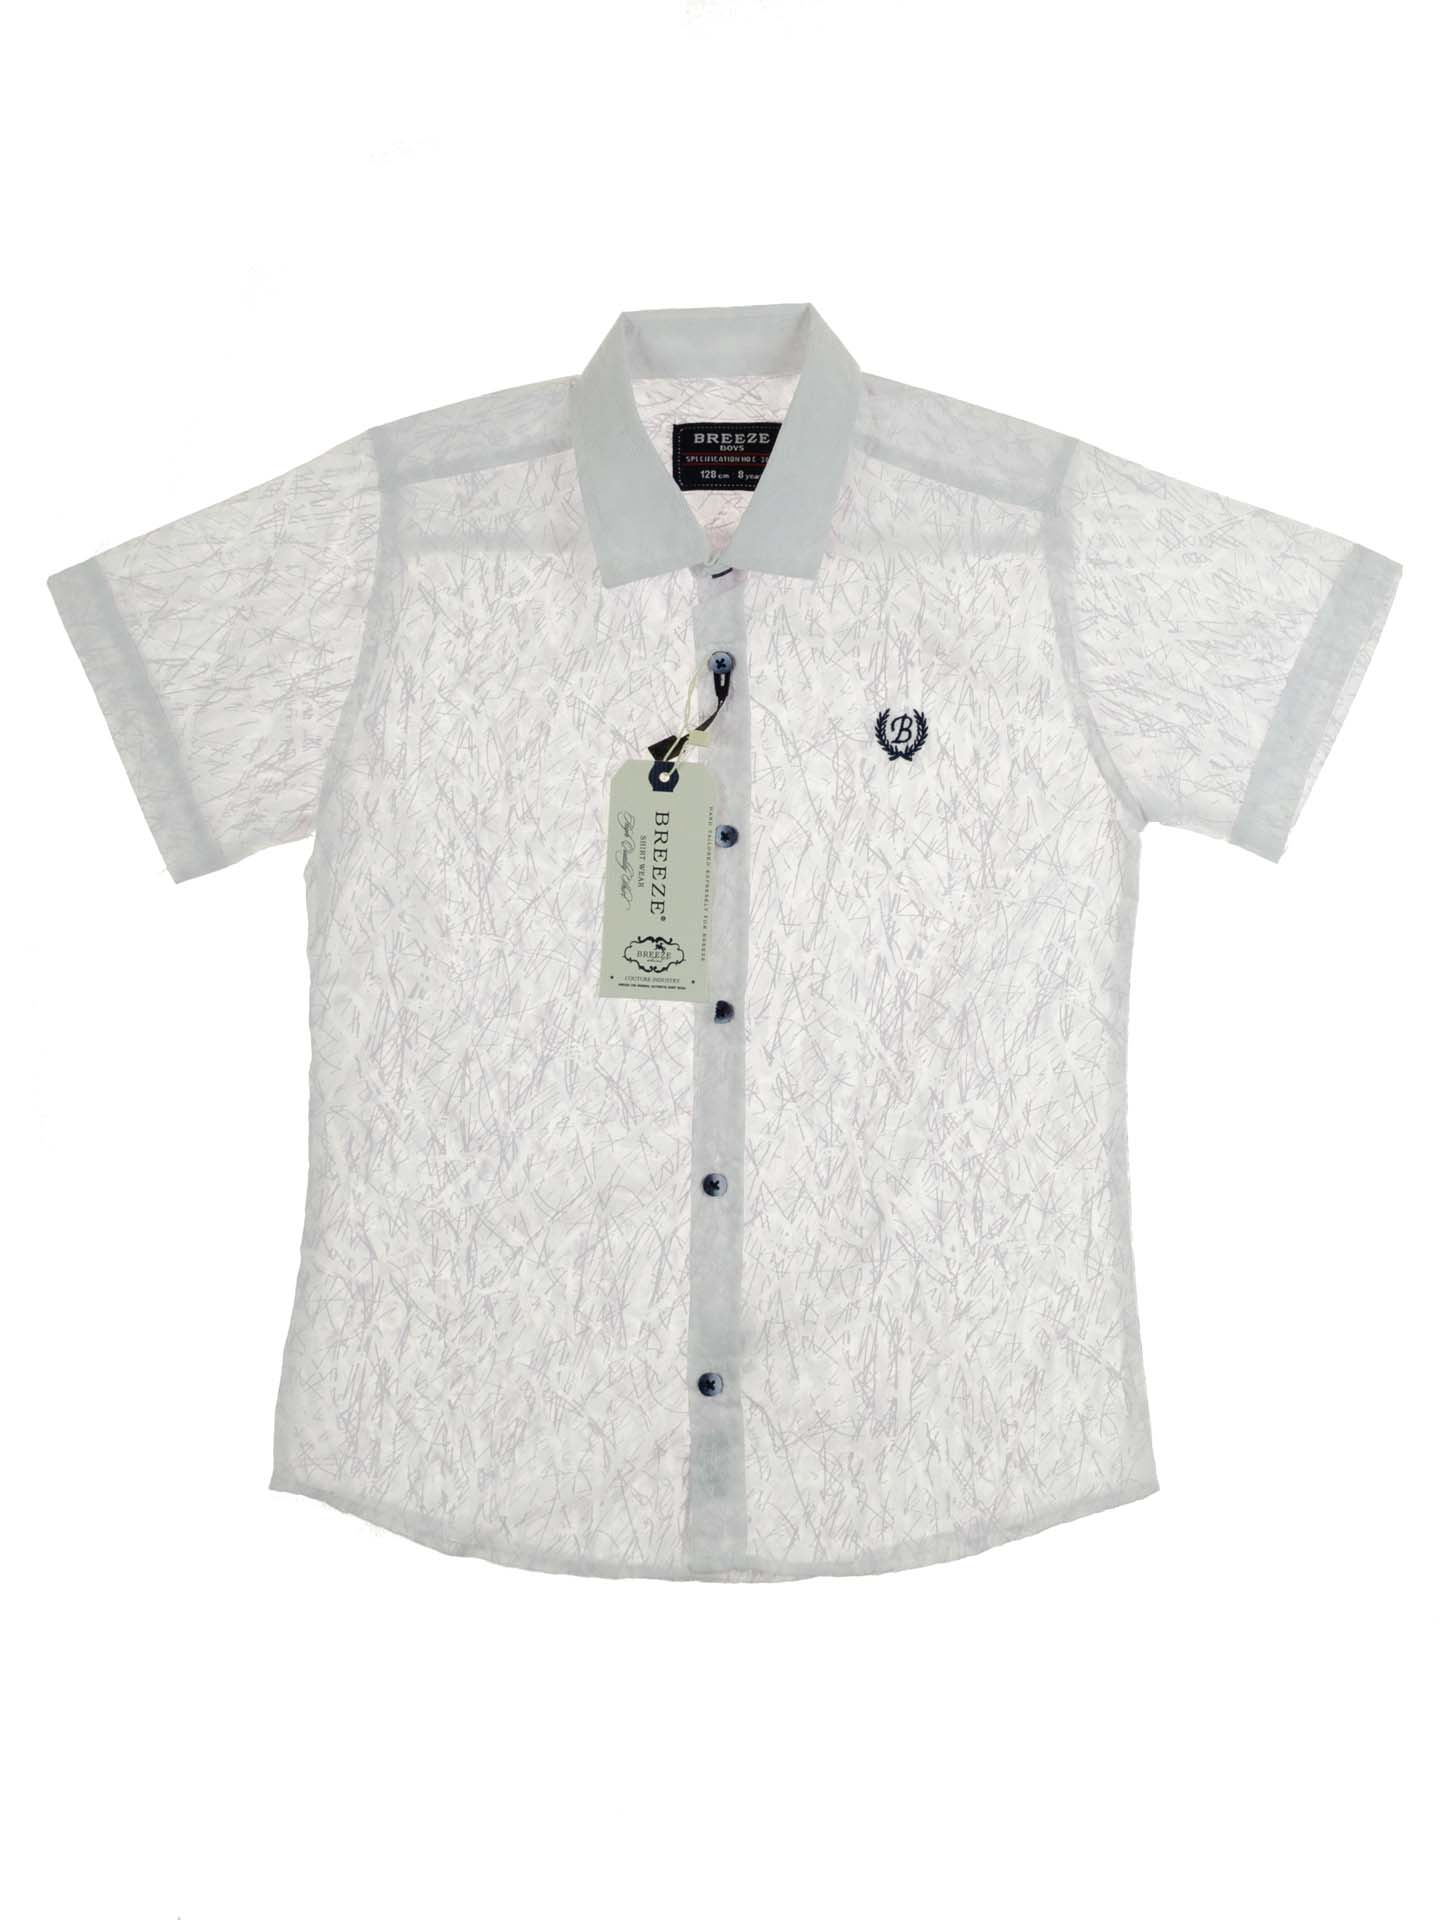 e66857890238 Детская одежда Breeze (E&H), Турция | Top Shelf | Купить детскую ...